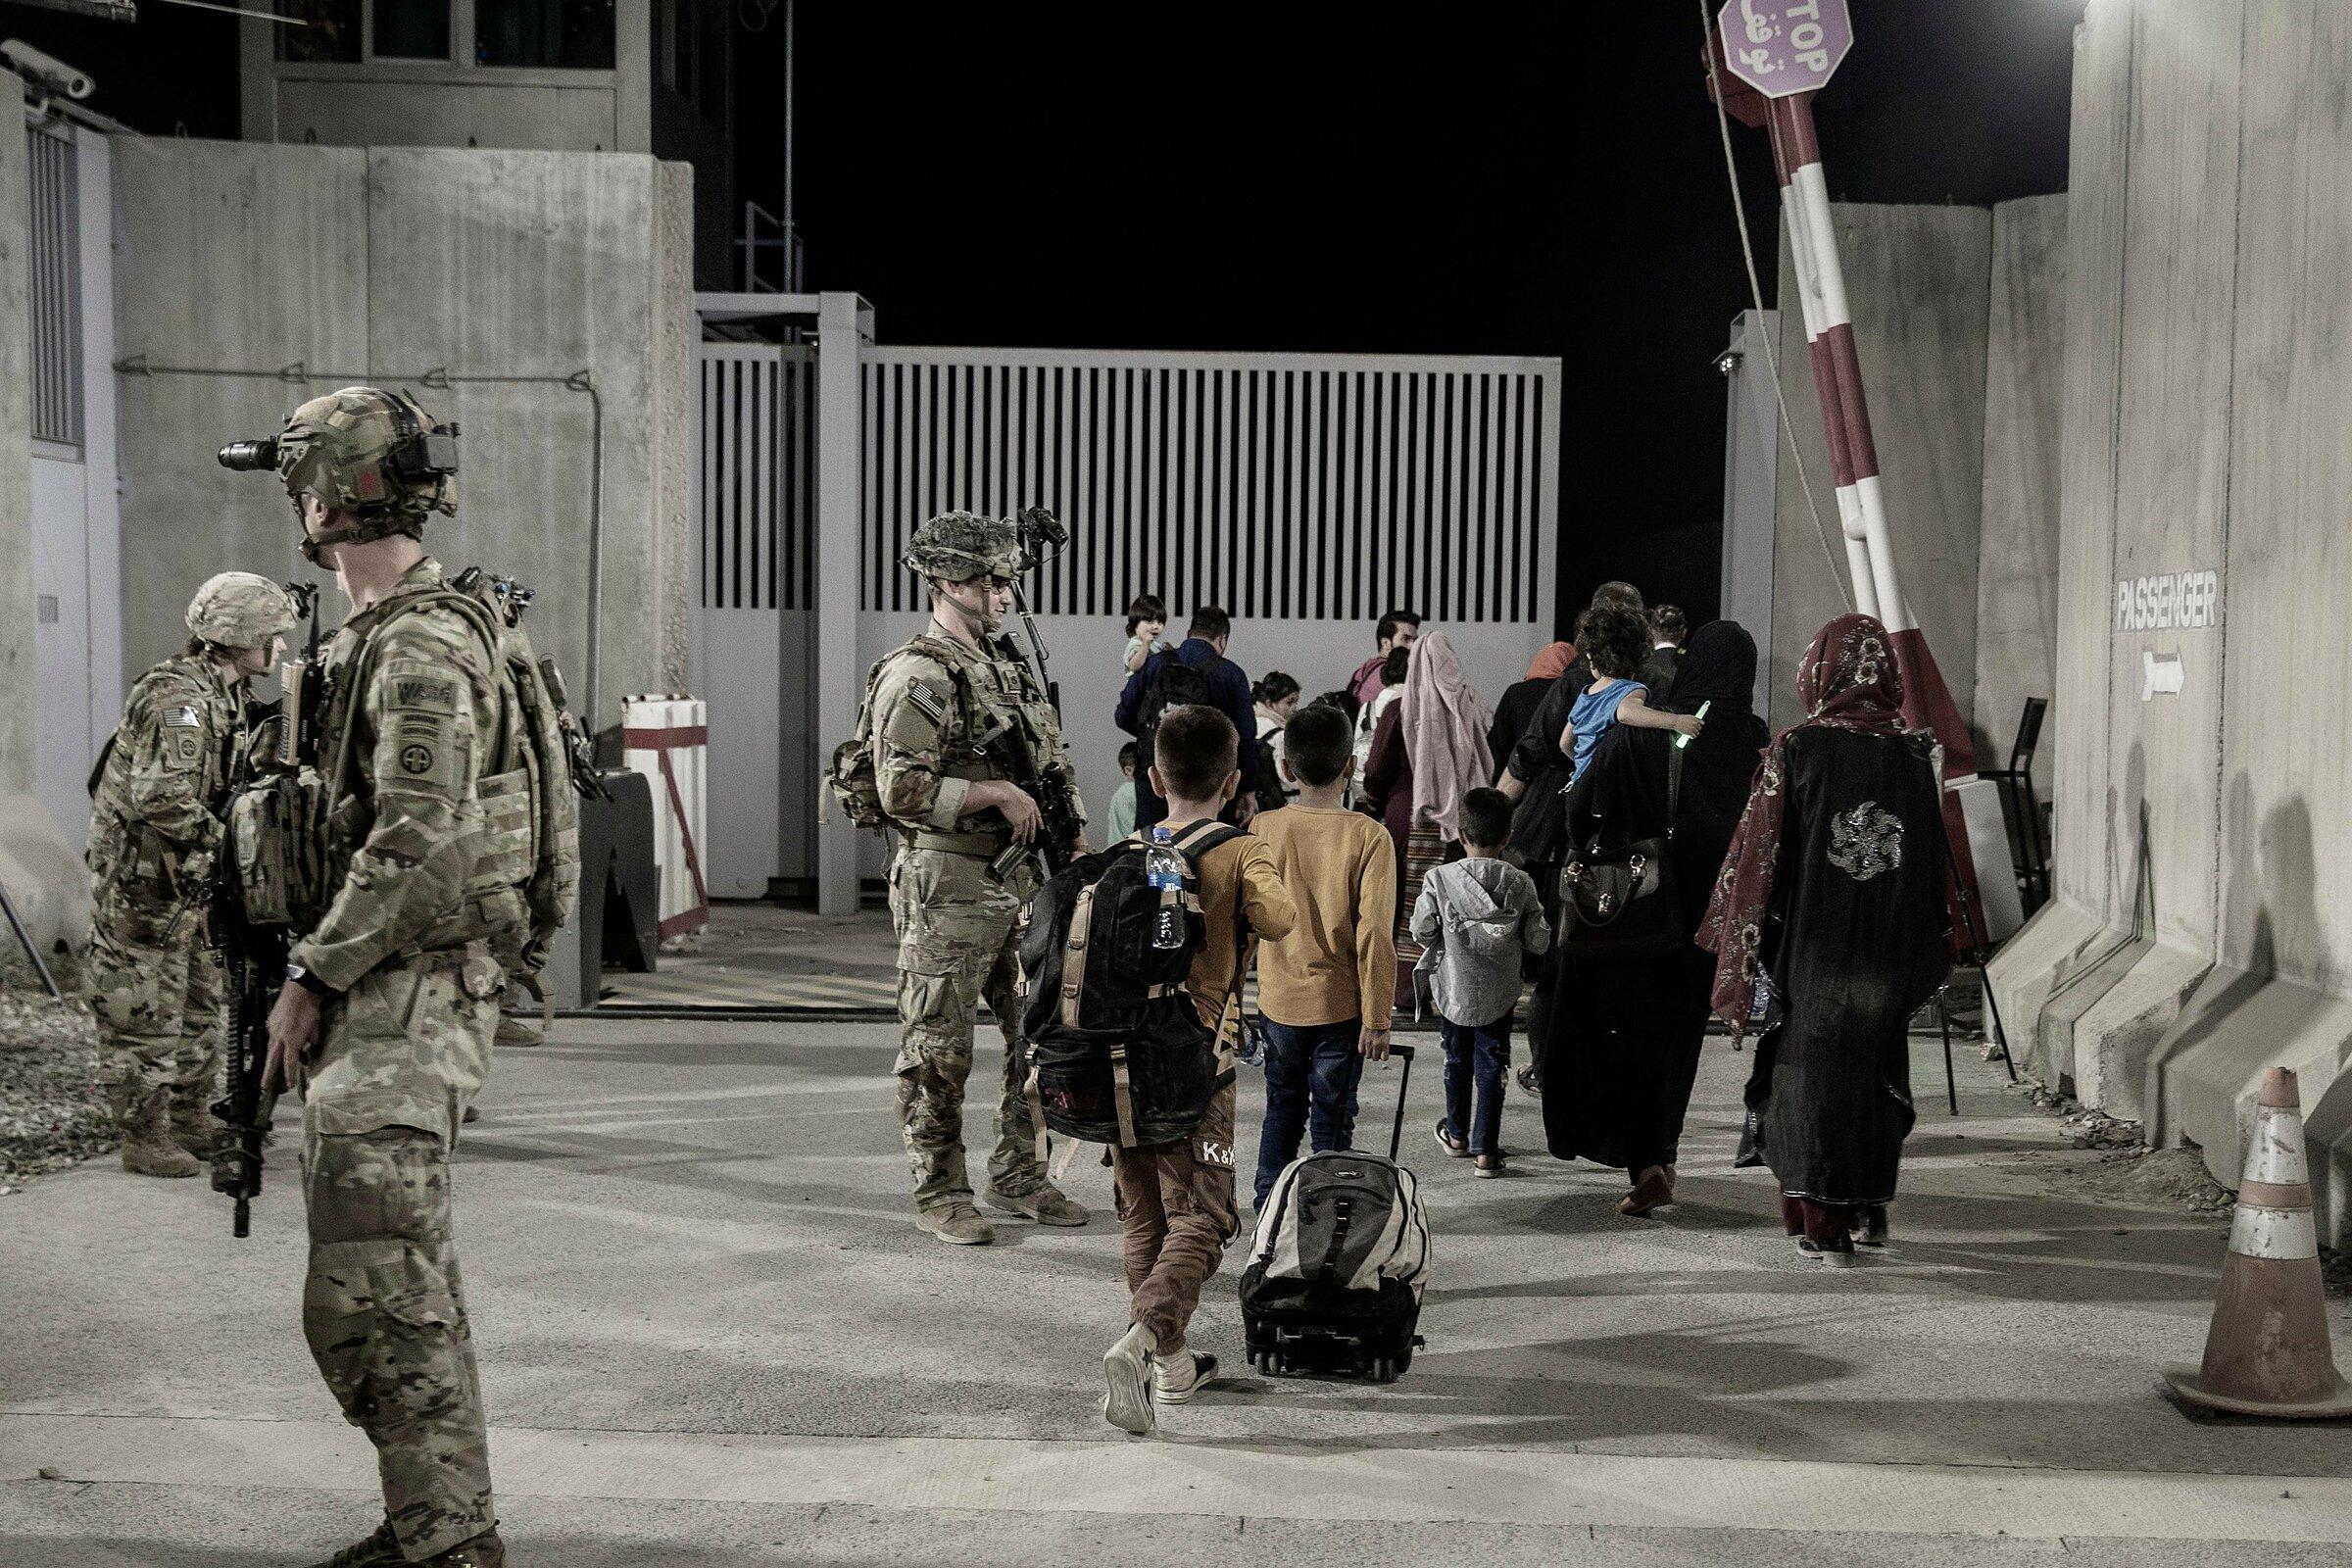 Lính thủy quân lục chiến Mỹ hướng dẫn người tị nạn qua cổng sân bay Kabul vào ngày 25/8. Ảnh: Bộ Quốc phòng Mỹ.